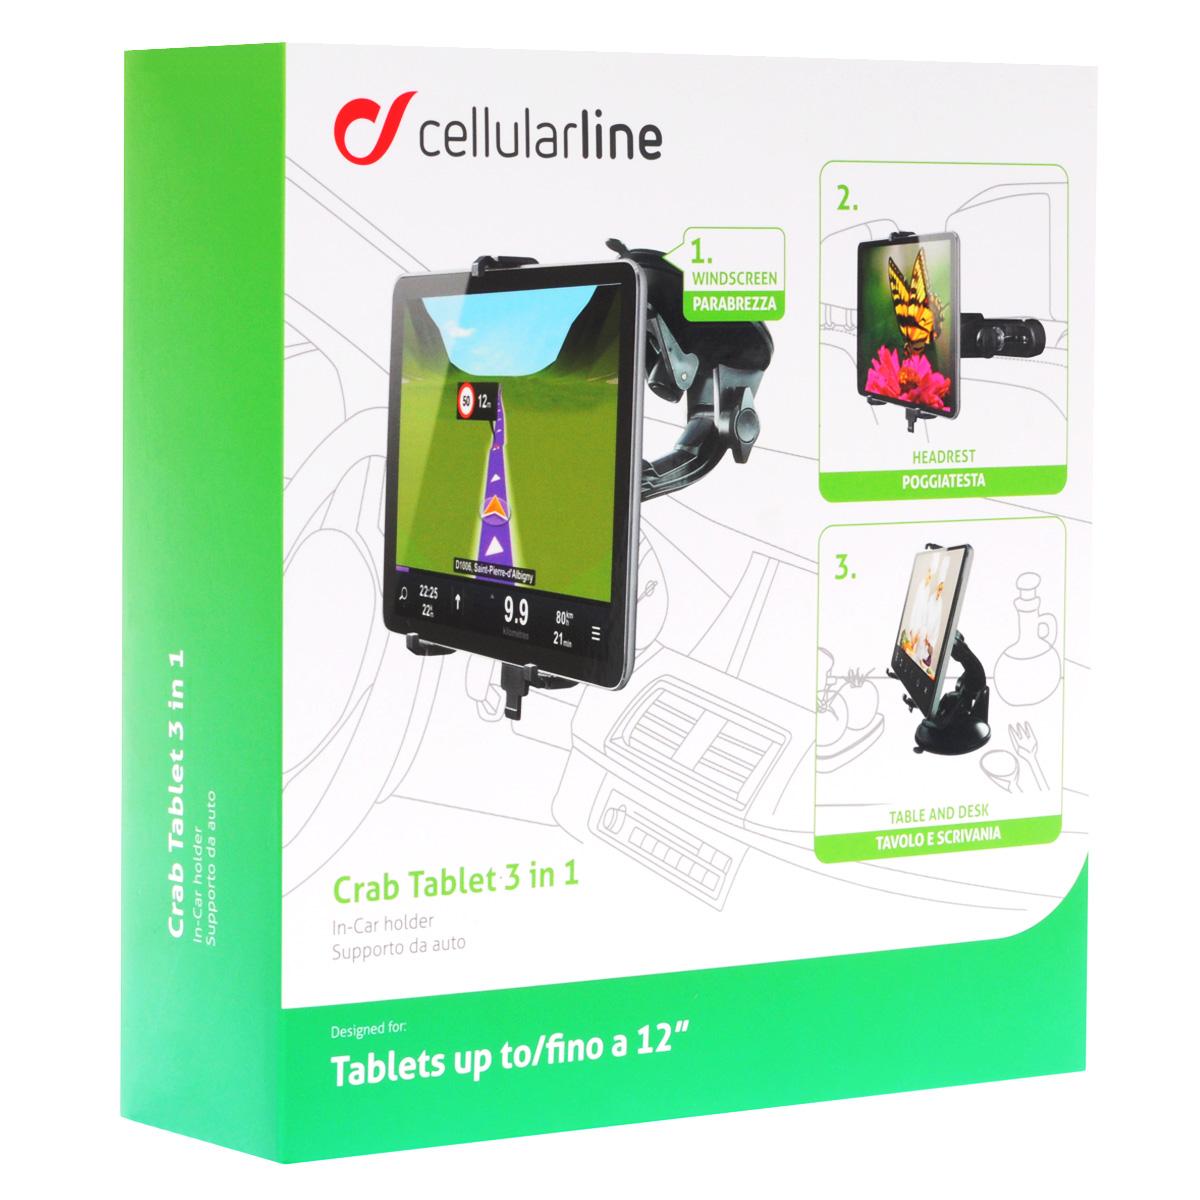 Cellular Line Crab Tablet 3 in 1 автомобильный держатель для планшета до 12 (22681)CRABTABLET3IN1Cellular Line Crab Tablet 3 in 1 - многофункциональное автомобильное крепление для вашего планшета с диагональю до 12 дюймов. Держатель имеет три различных типа крепления: на лобовое стекло, подголовник и стол. Таким образом, планшет можно использовать как навигатор, или для развлечения пассажиров на заднем сиденье.